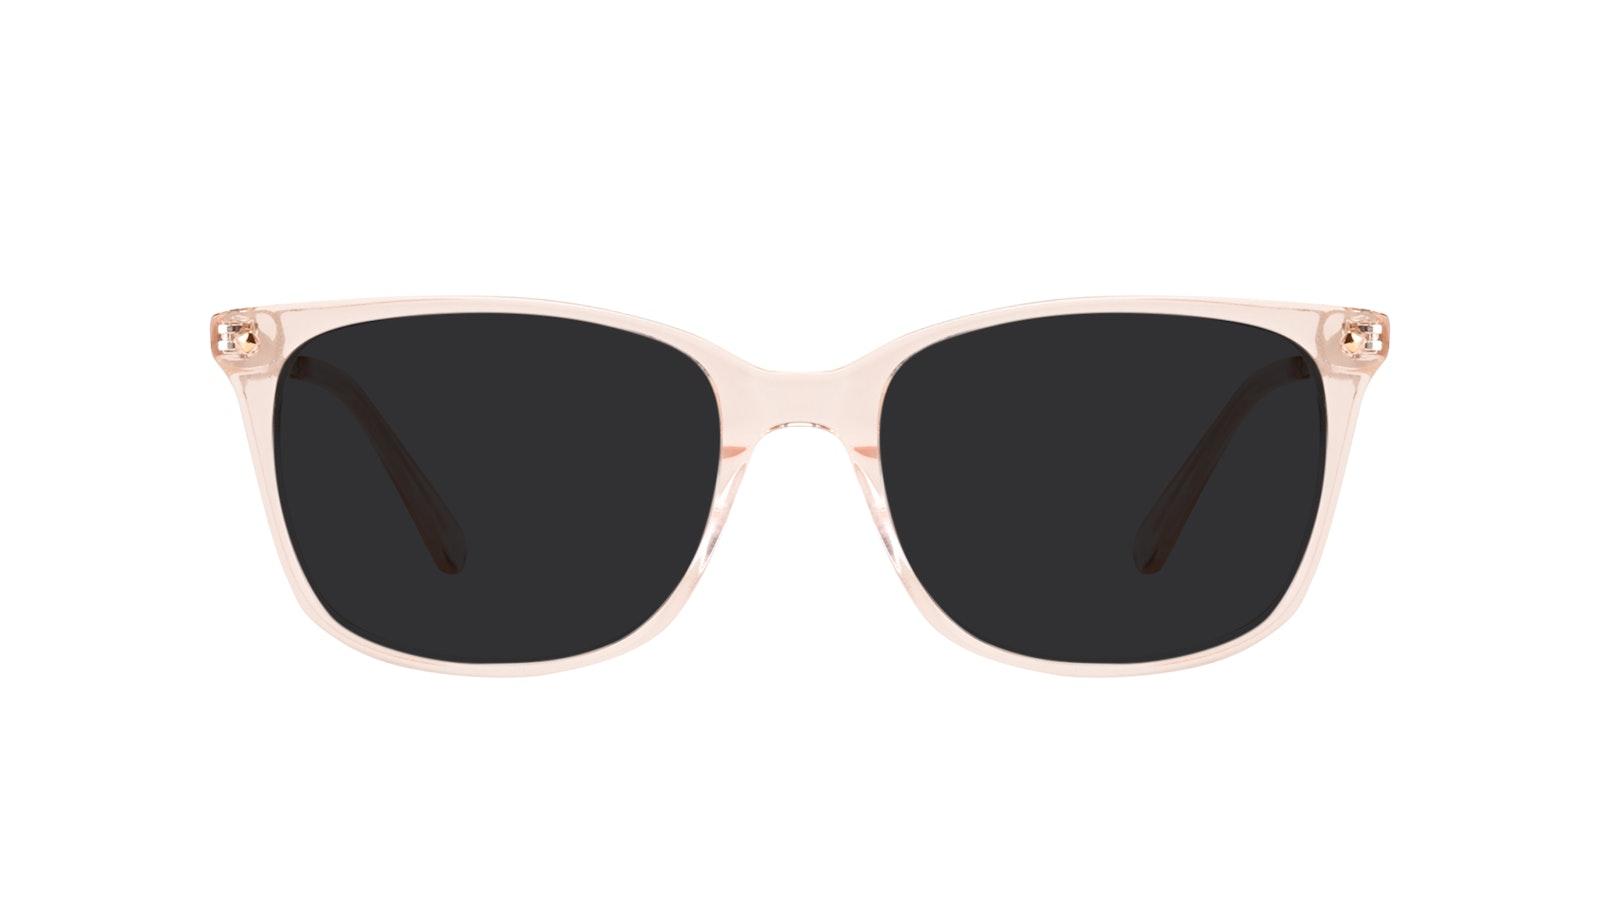 Lunettes tendance Rectangle Carrée Lunettes de soleil Femmes Refine Blond